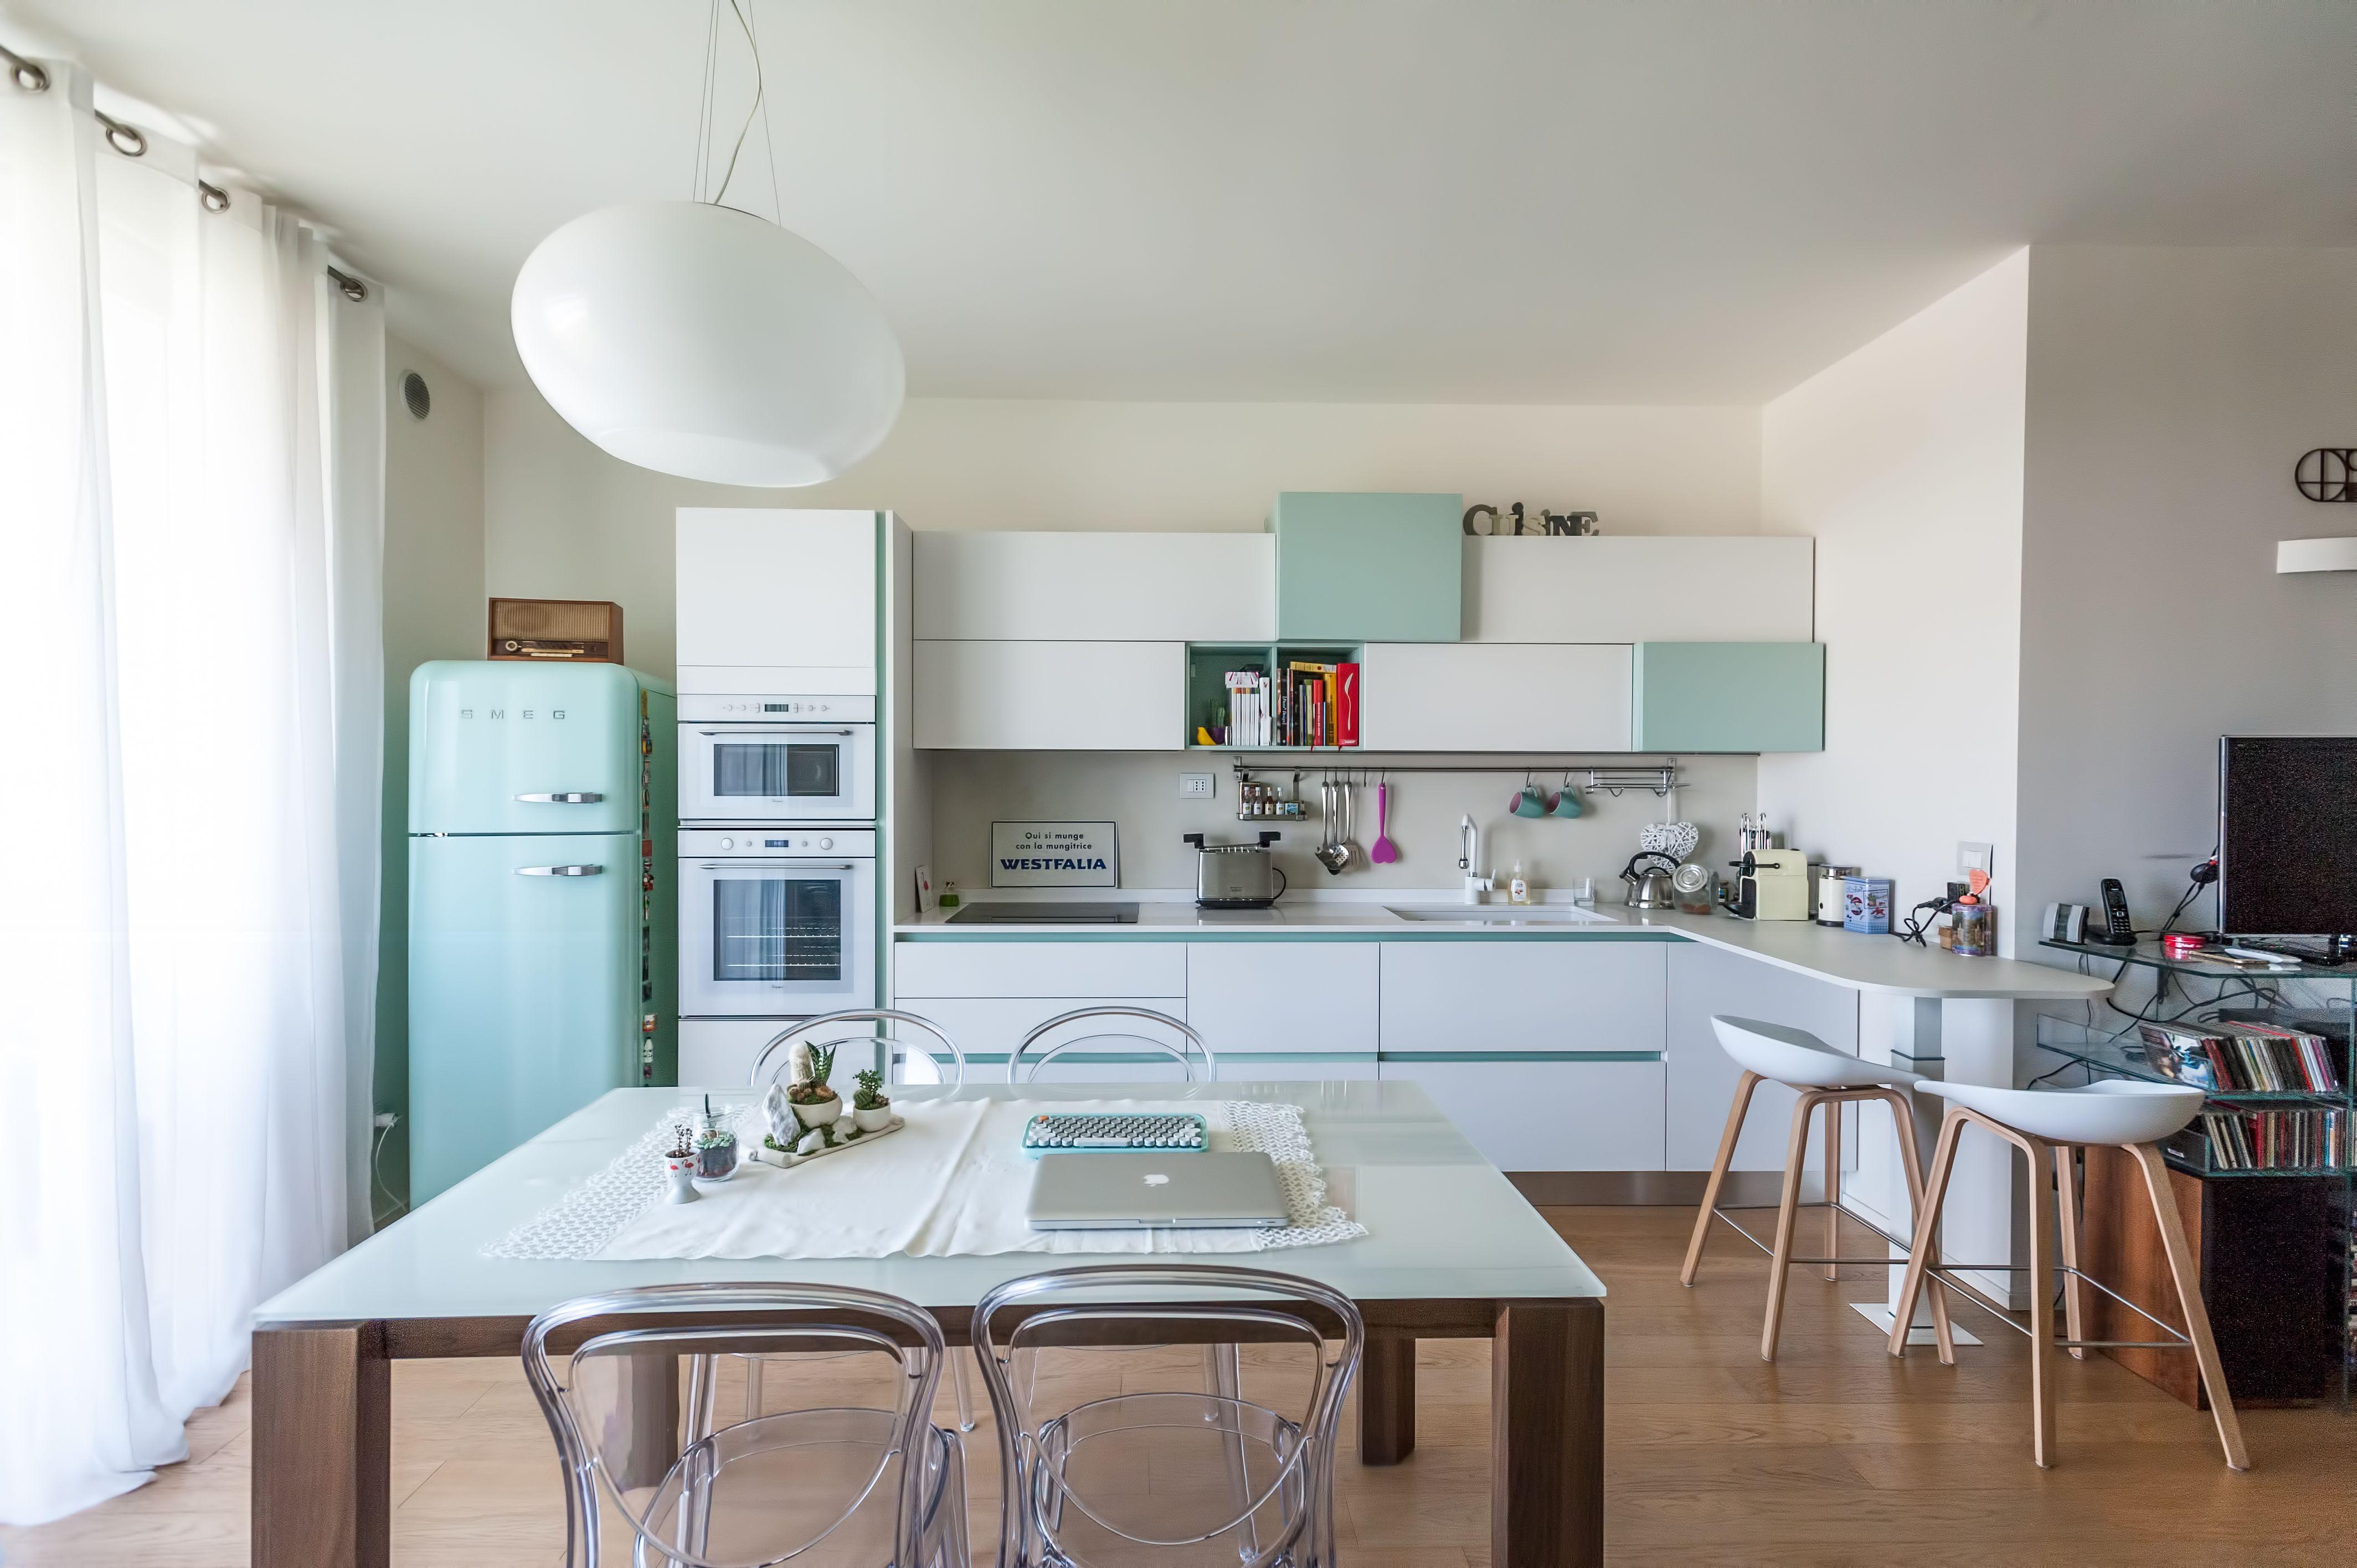 Cucina Lube Immagina - inserti colore Salvia - Frigo Smeg verde ...